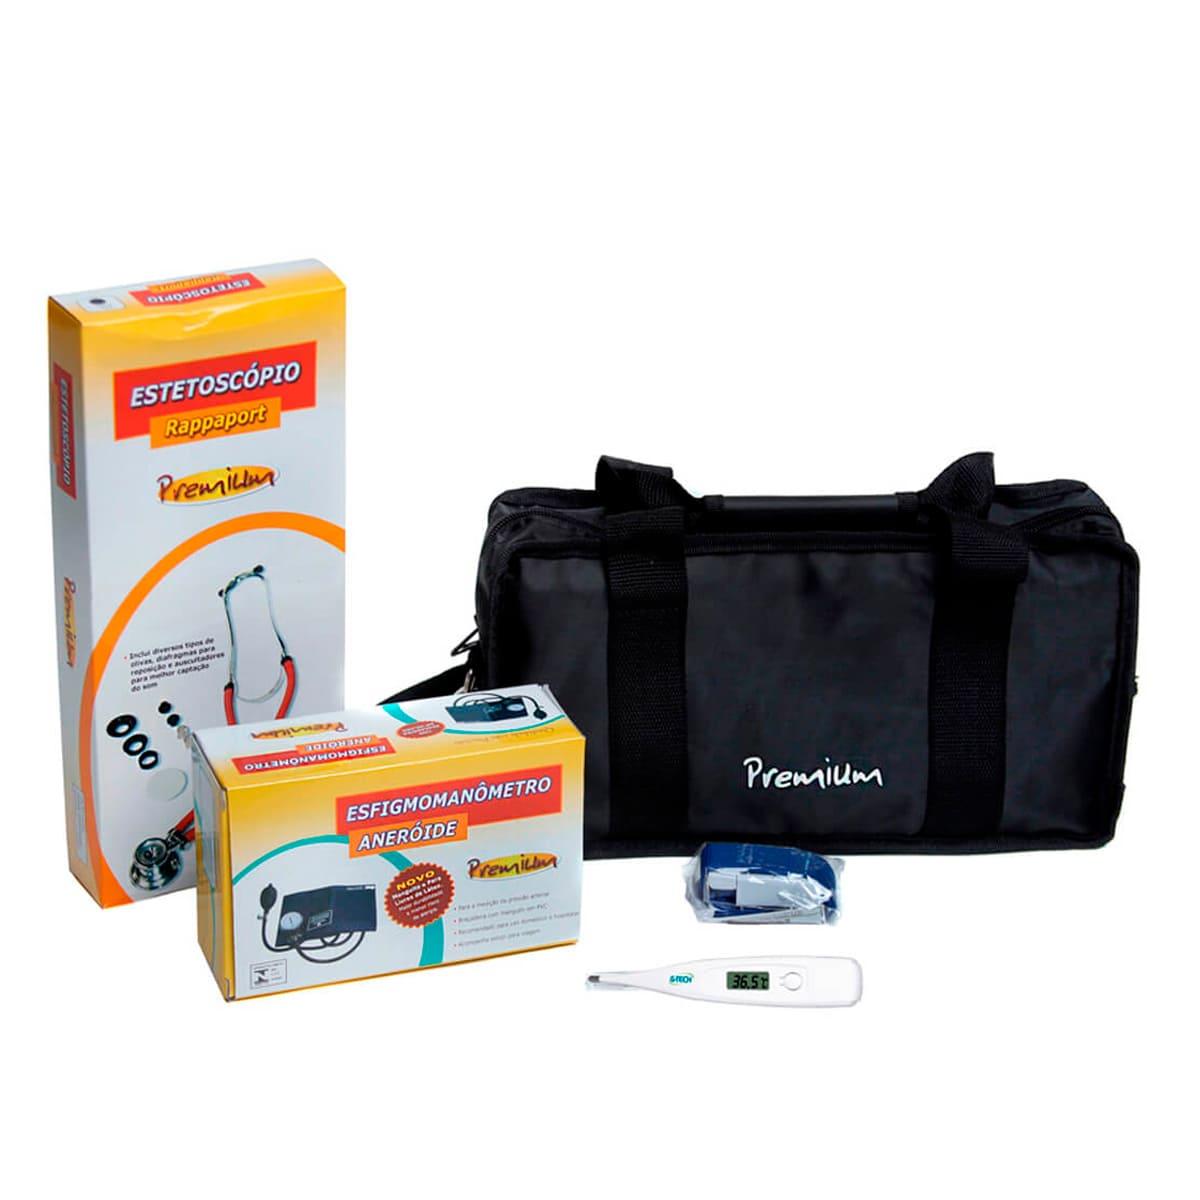 Aparelho de pressão com estetoscópio rappaport, termômetro e bolsa - kit acadêmico Premium para Enfermagem